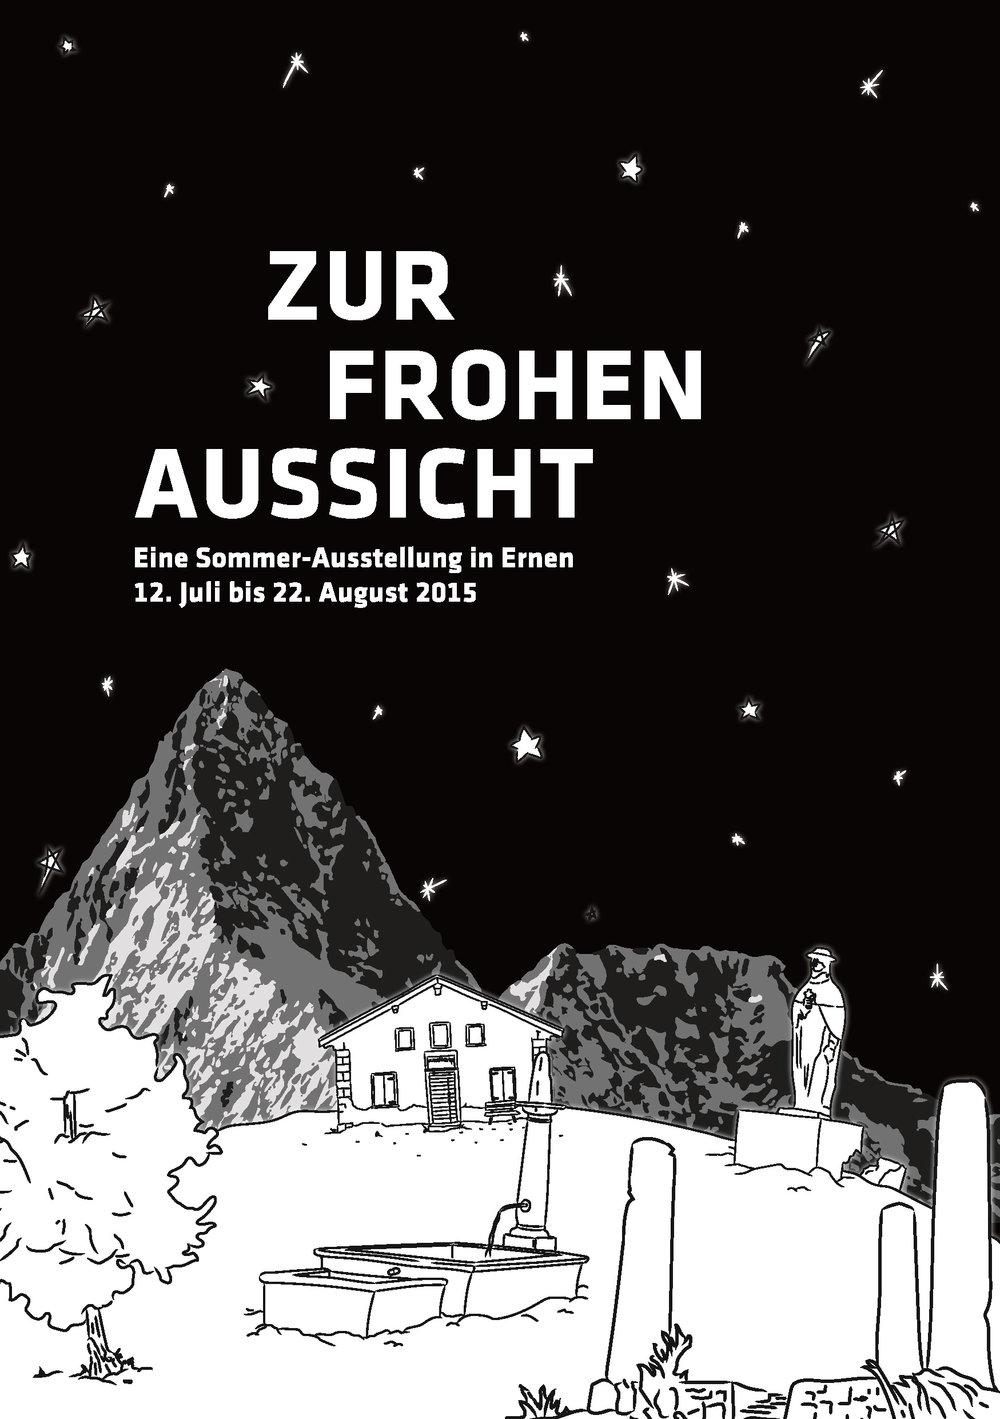 Publikation 2015 - Zur Ausstellung 2015 ist eine Broschüre erschienen. Mit Essays von Daniela Janser (Publizistin und Kulturwissenschaftlerin) und Willi Wottreng (Publizist) und Kurztexten zu den ausgestellten Werken von Josiane Imhasly.Die Broschüre kann für Fr. 5.– plus Versandkosten bestellt werden.